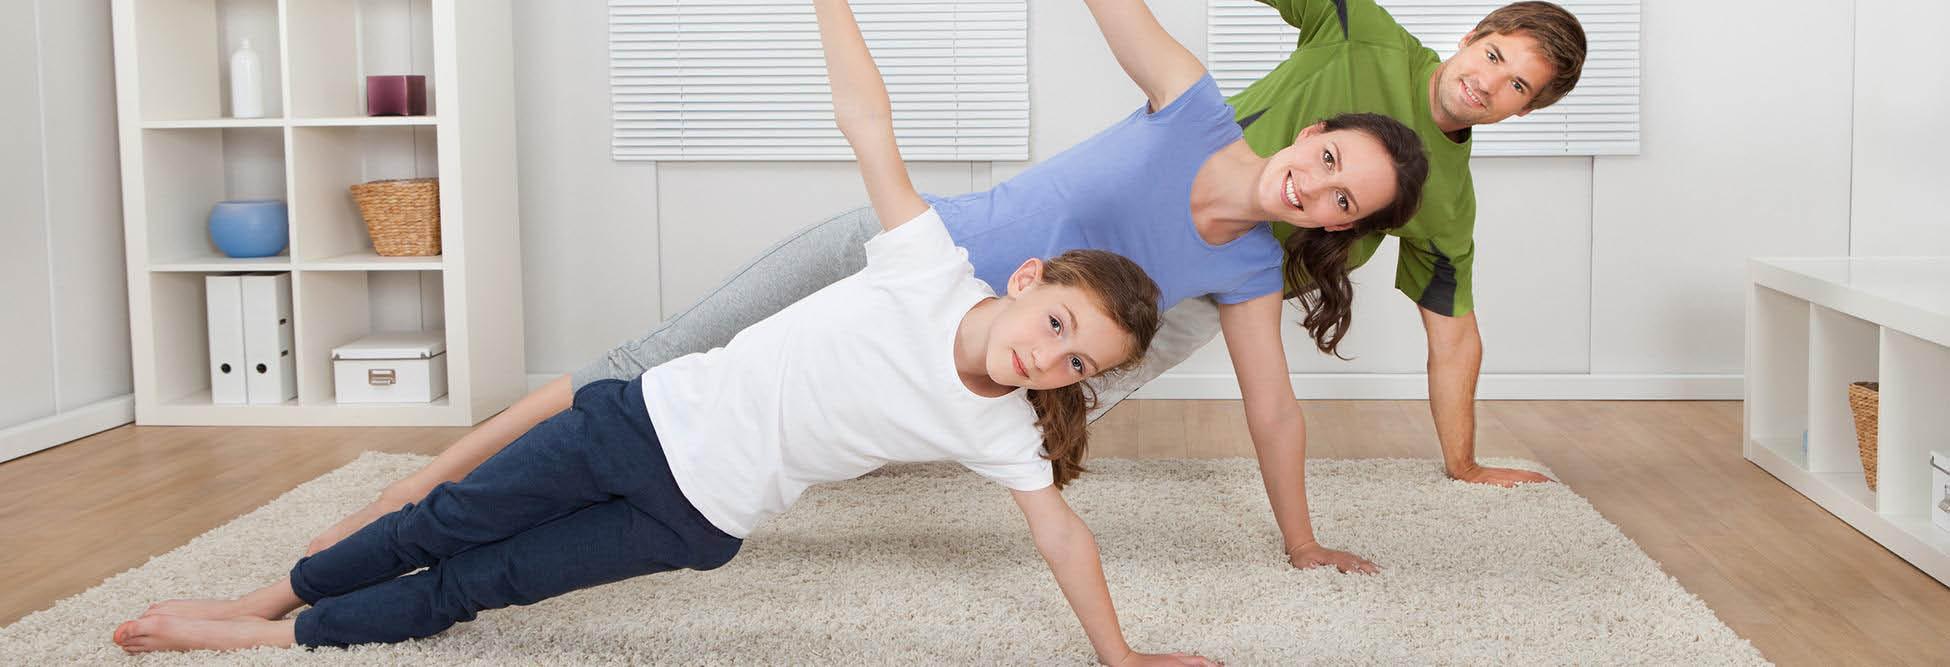 oxymagic,oxymagic carpet cleaner,carpet cleaners,clean carpet,